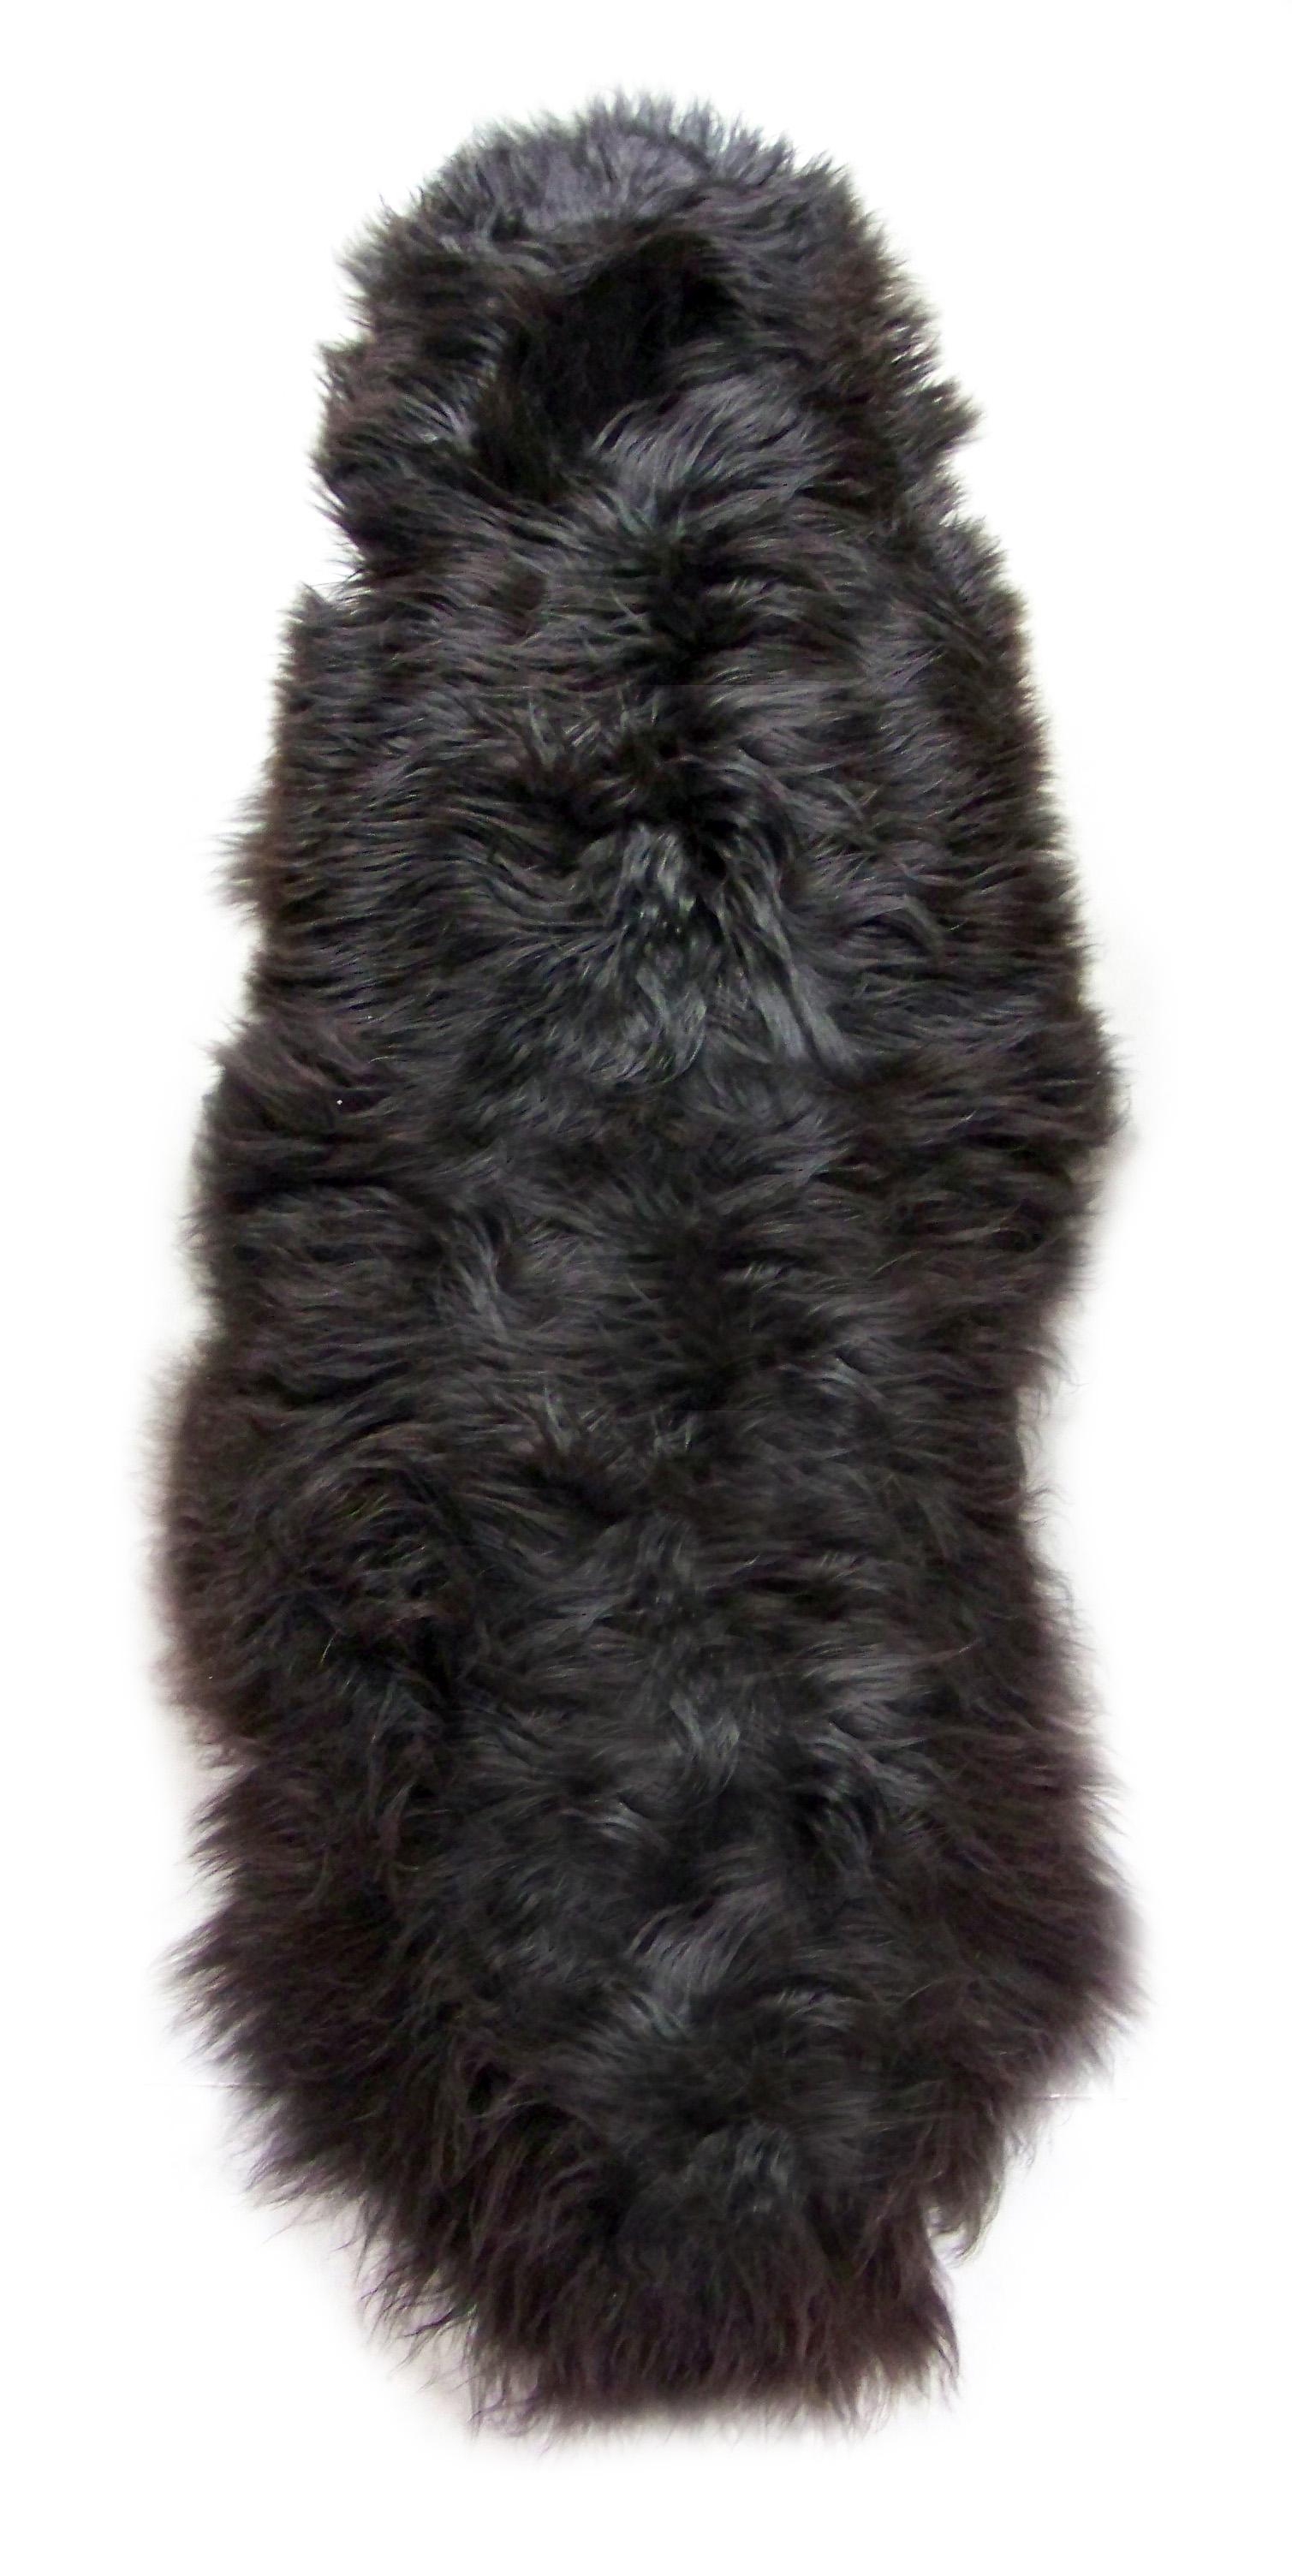 peaux de mouton islandaises noires assemblées en duo poils longs direct tannerie importateur négociant trader fourrure tapis décoration dt collection